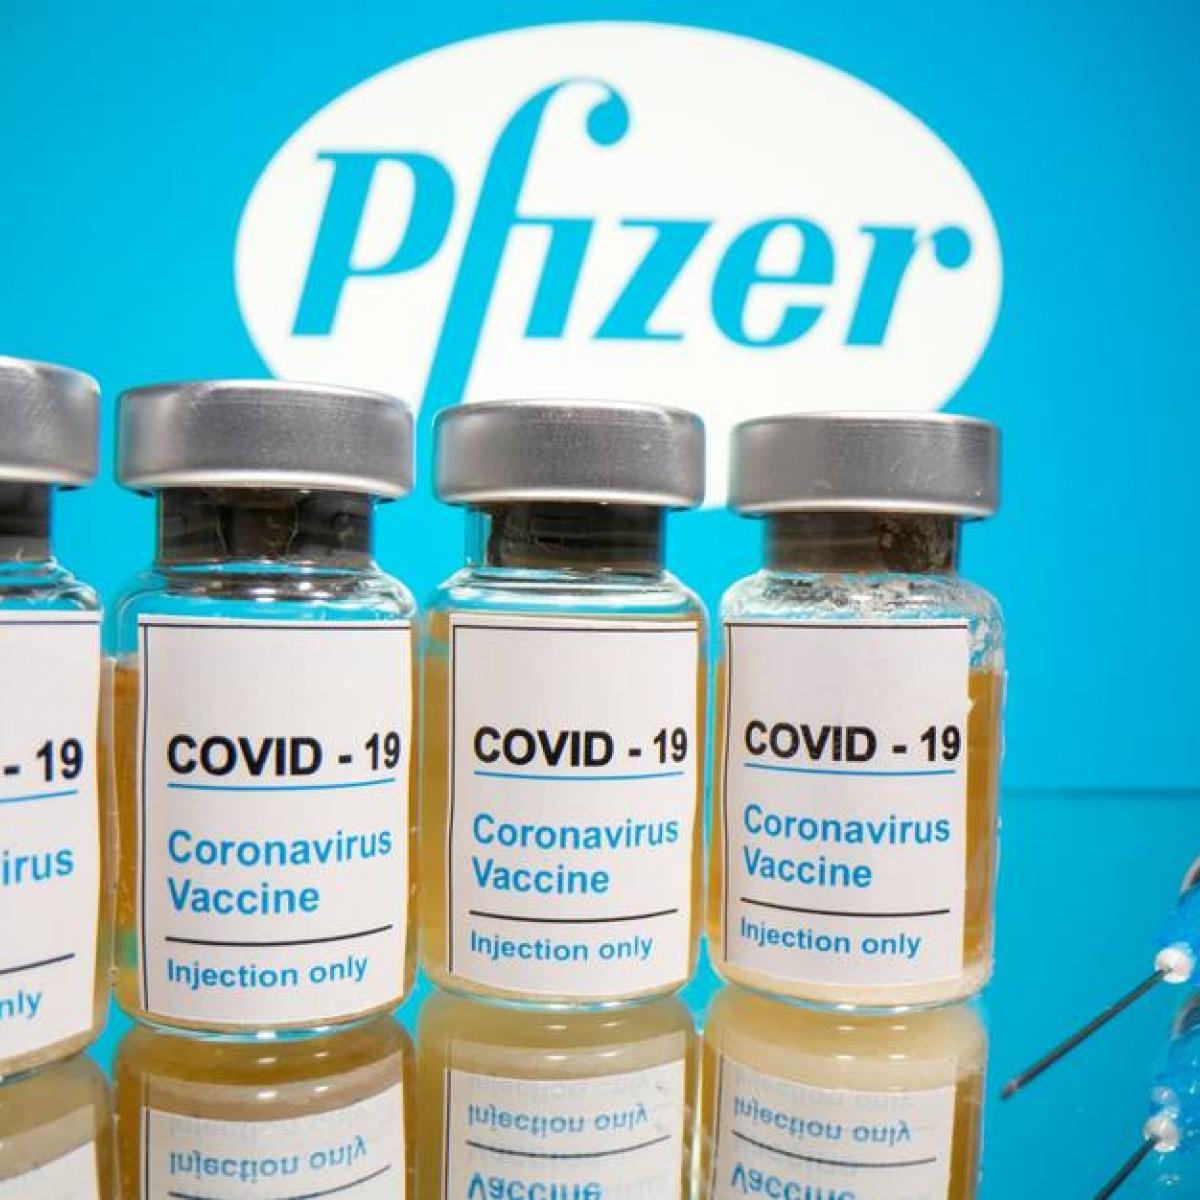 Anvisa e Pfizer tentam acordo em reunião nesta quarta (30) sobre registro da vacina